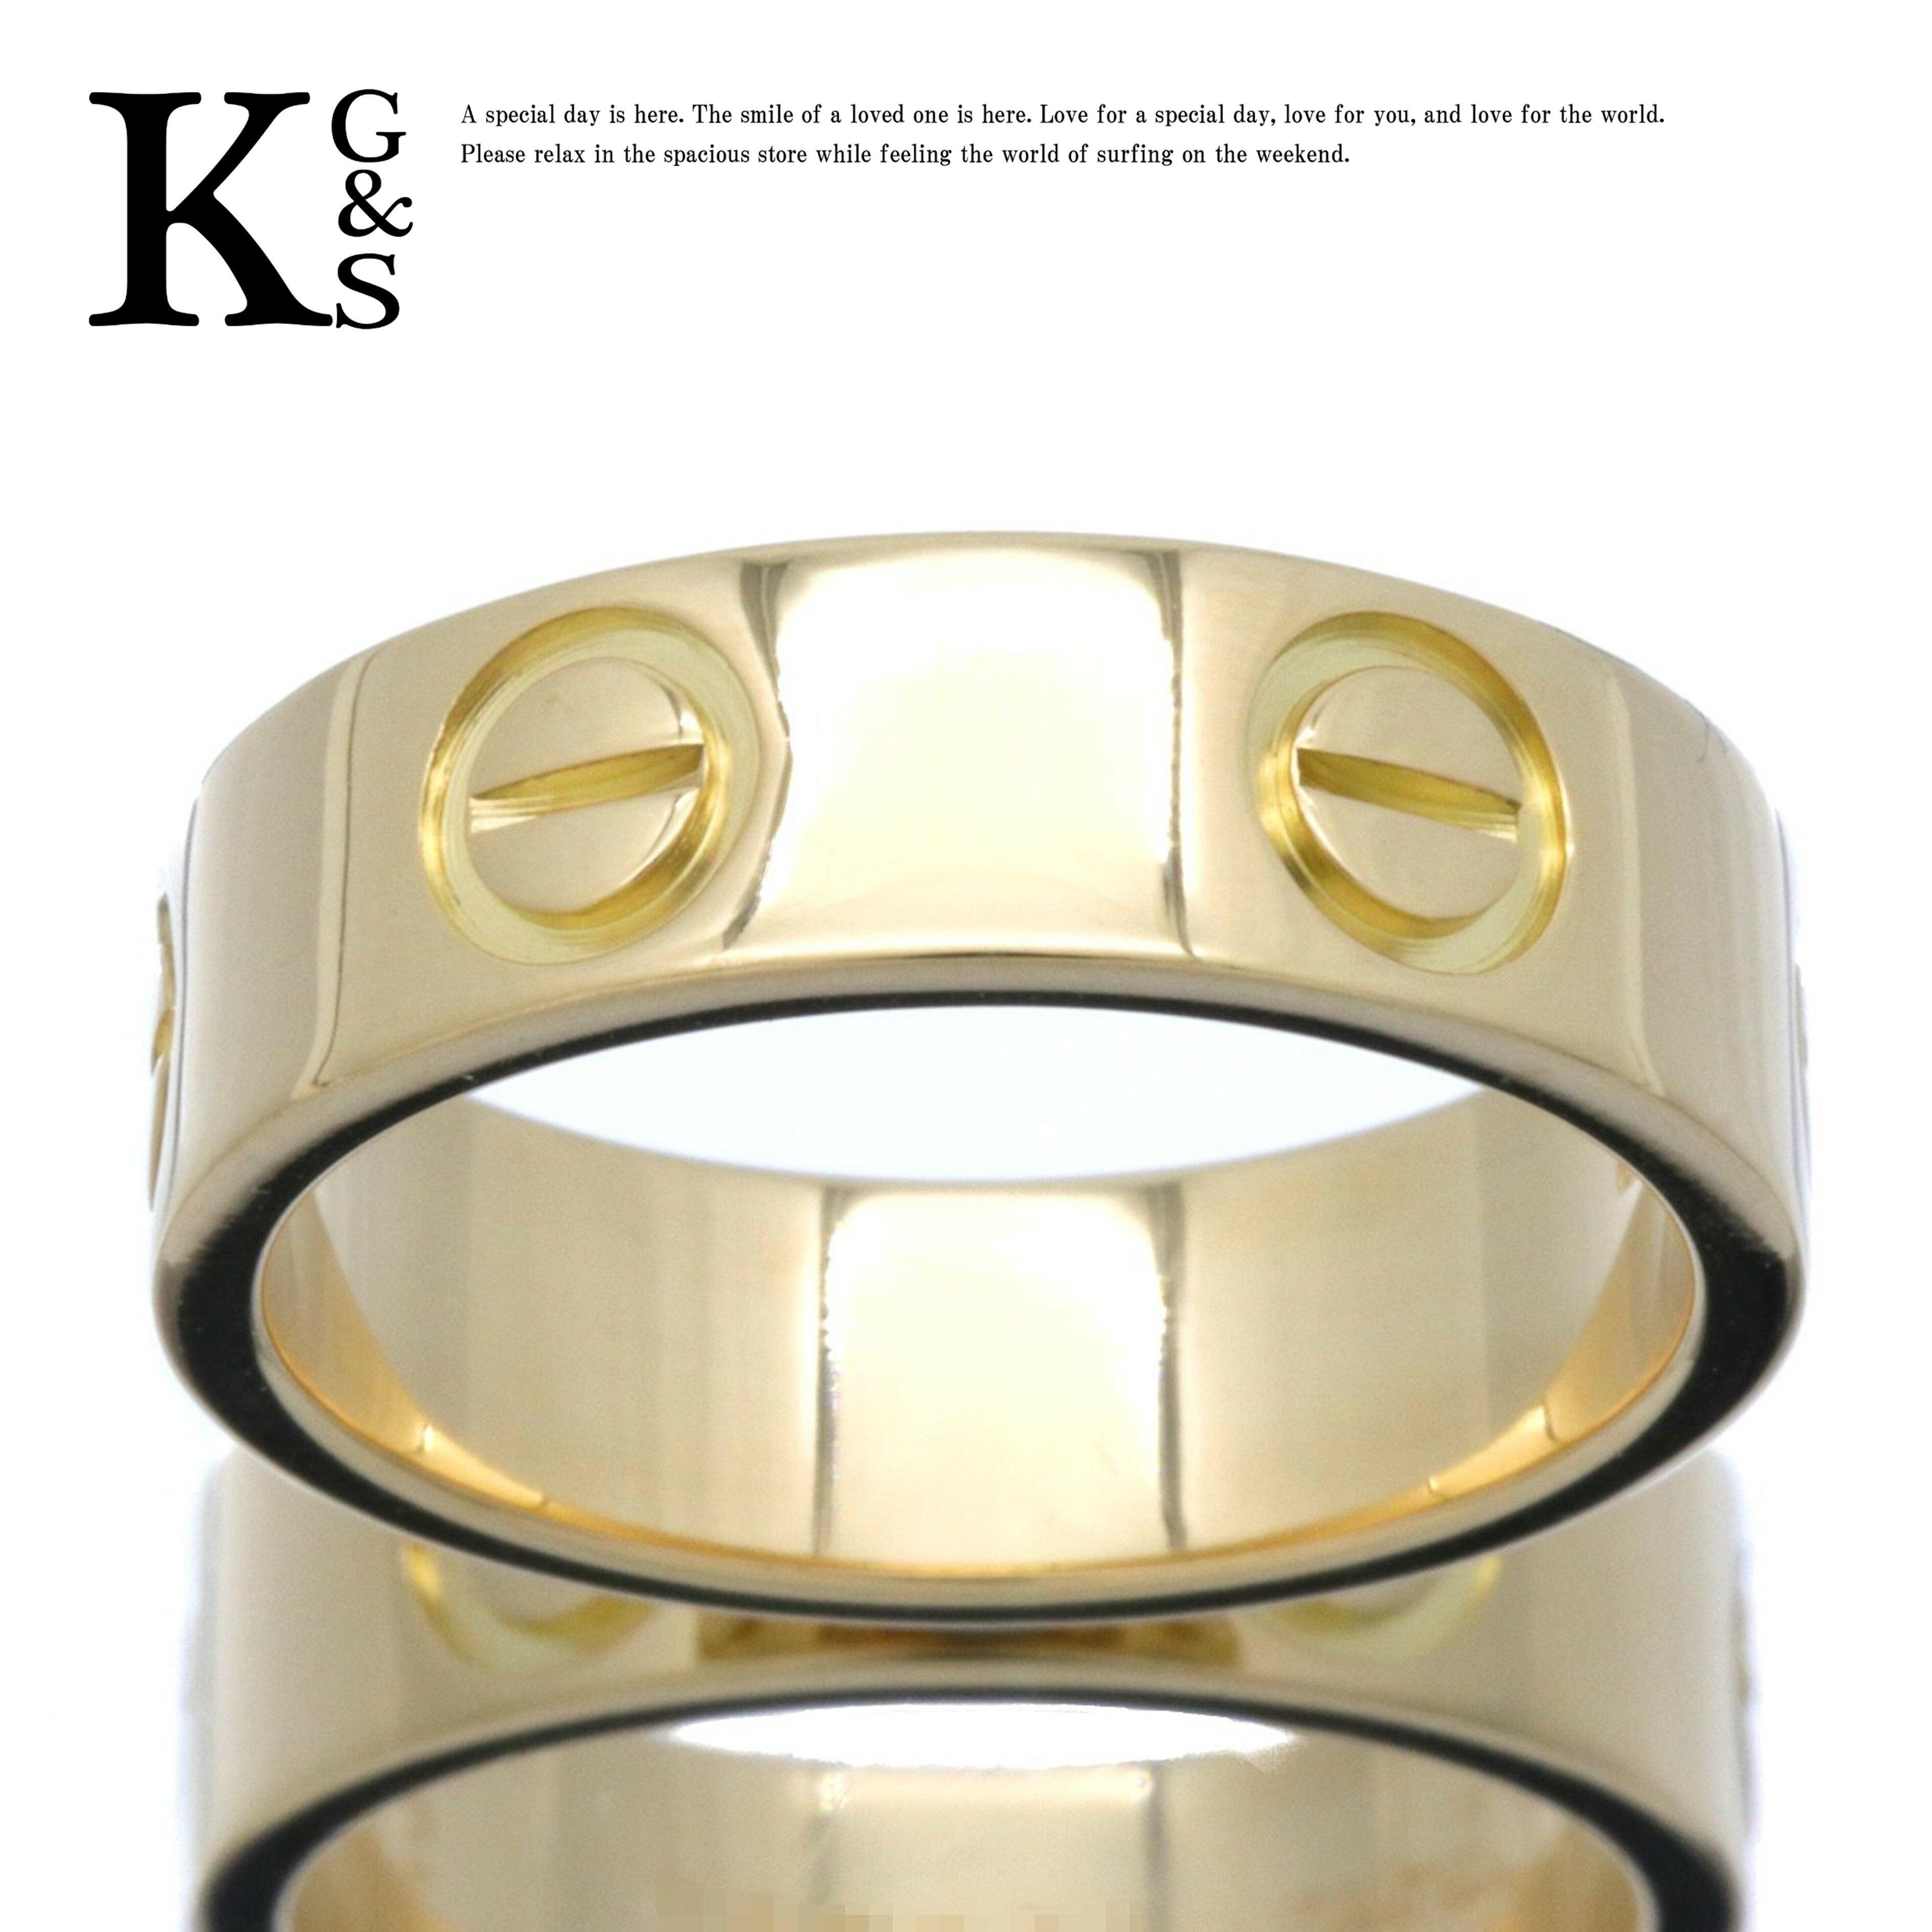 【新古品】【4〜15号】カルティエ/Cartier / ラブリング love / レディース アクセサリー 指輪 / K18 750 YG イエローゴールド / 7号 8号 9号 10号 11号 12号 13号 14号 15号 / B4084600